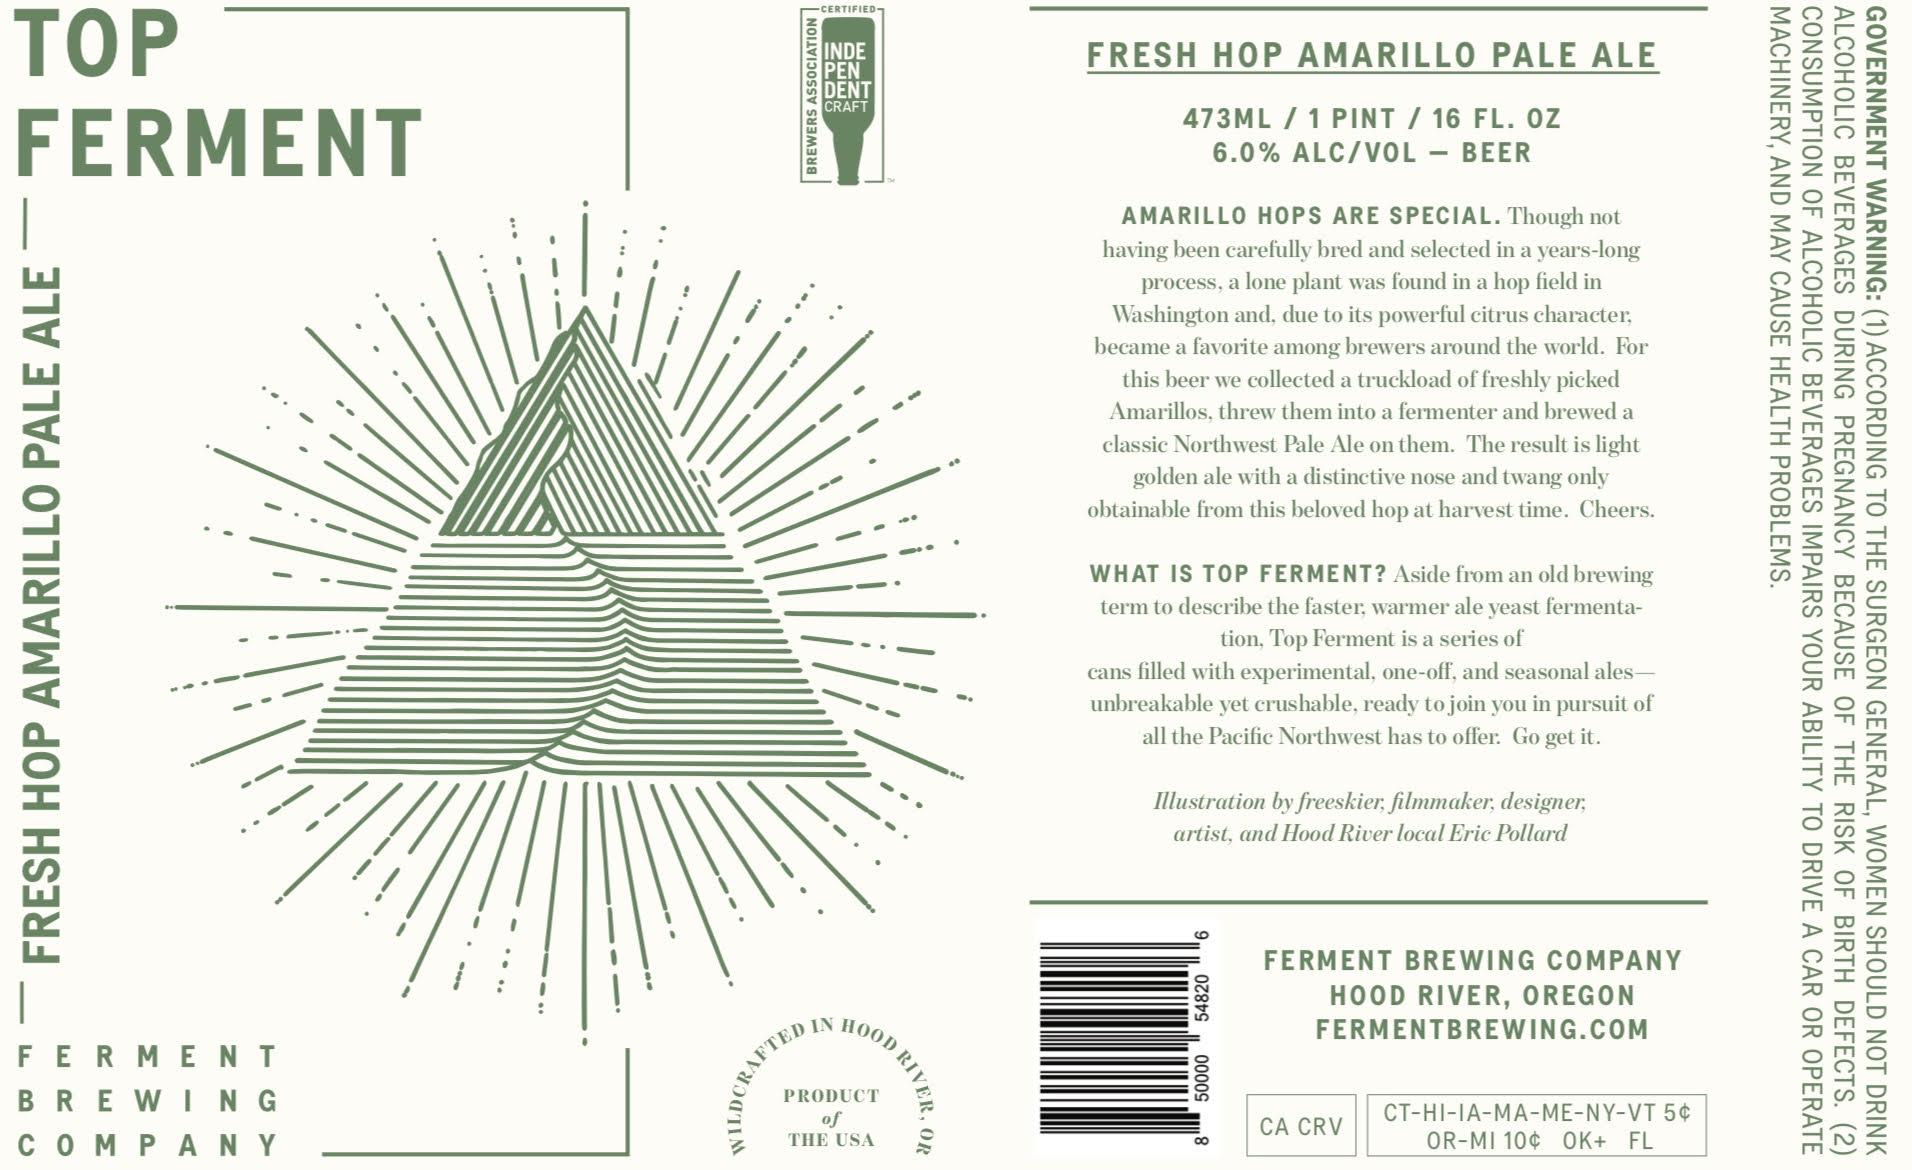 Ferment Brewing Co. Fresh Hop Amarillo Pale Ale Label